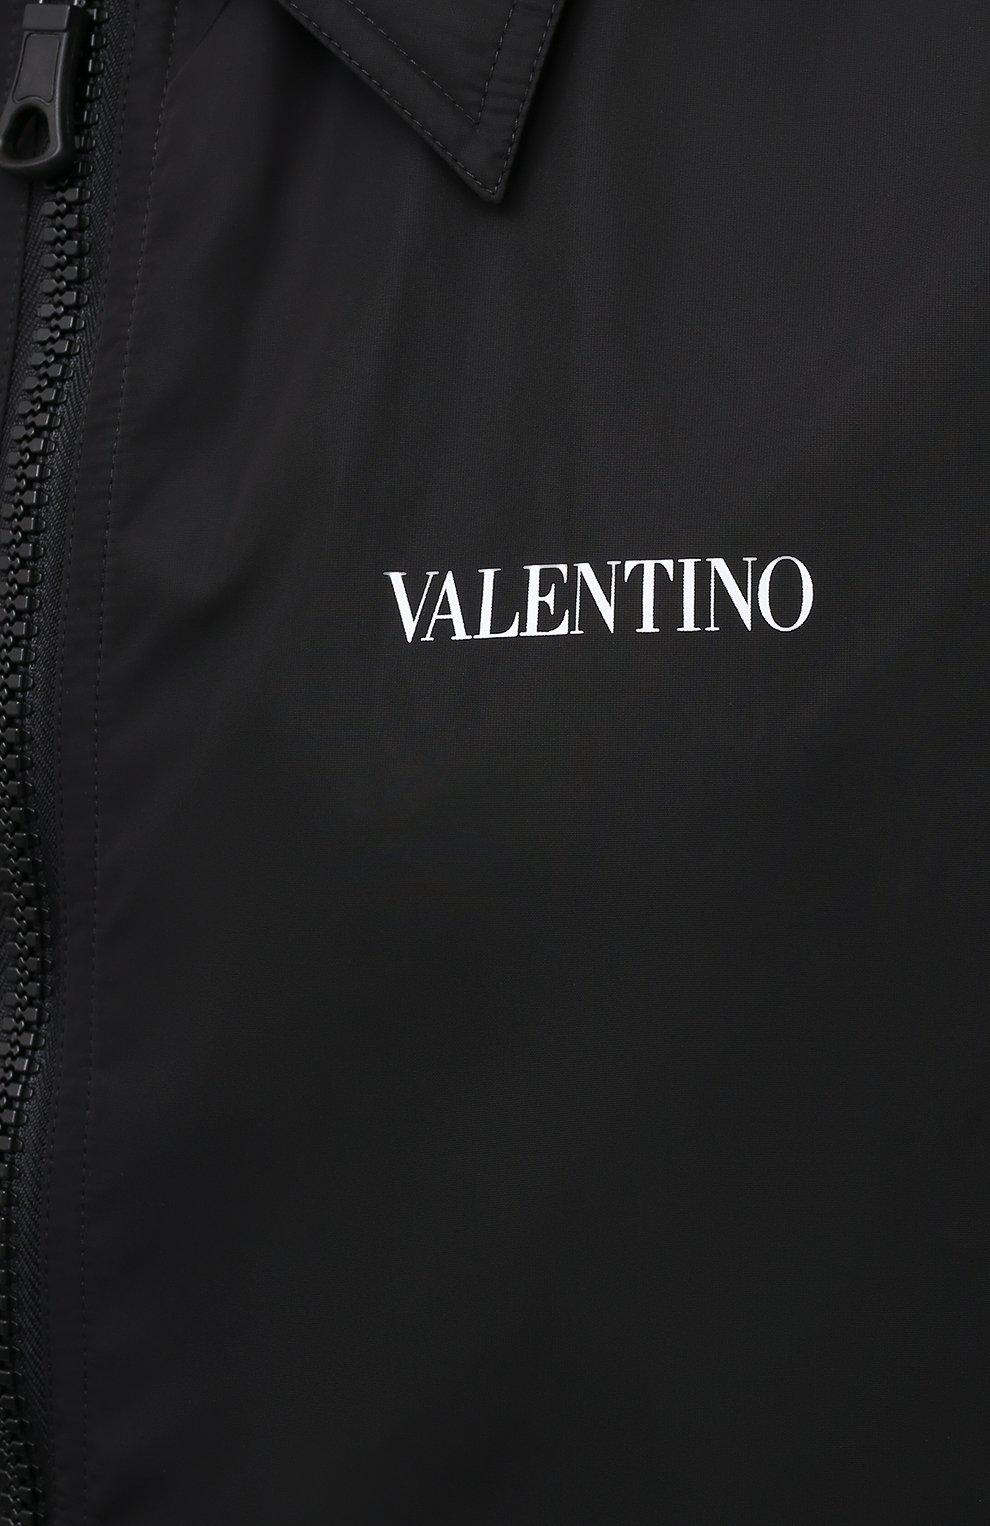 Мужской плащ VALENTINO черного цвета, арт. VV3CII9066C   Фото 5 (Мужское Кросс-КТ: Плащ-верхняя одежда; Рукава: Длинные; Длина (верхняя одежда): До колена; Материал внешний: Синтетический материал; Материал подклада: Синтетический материал; Стили: Кэжуэл)